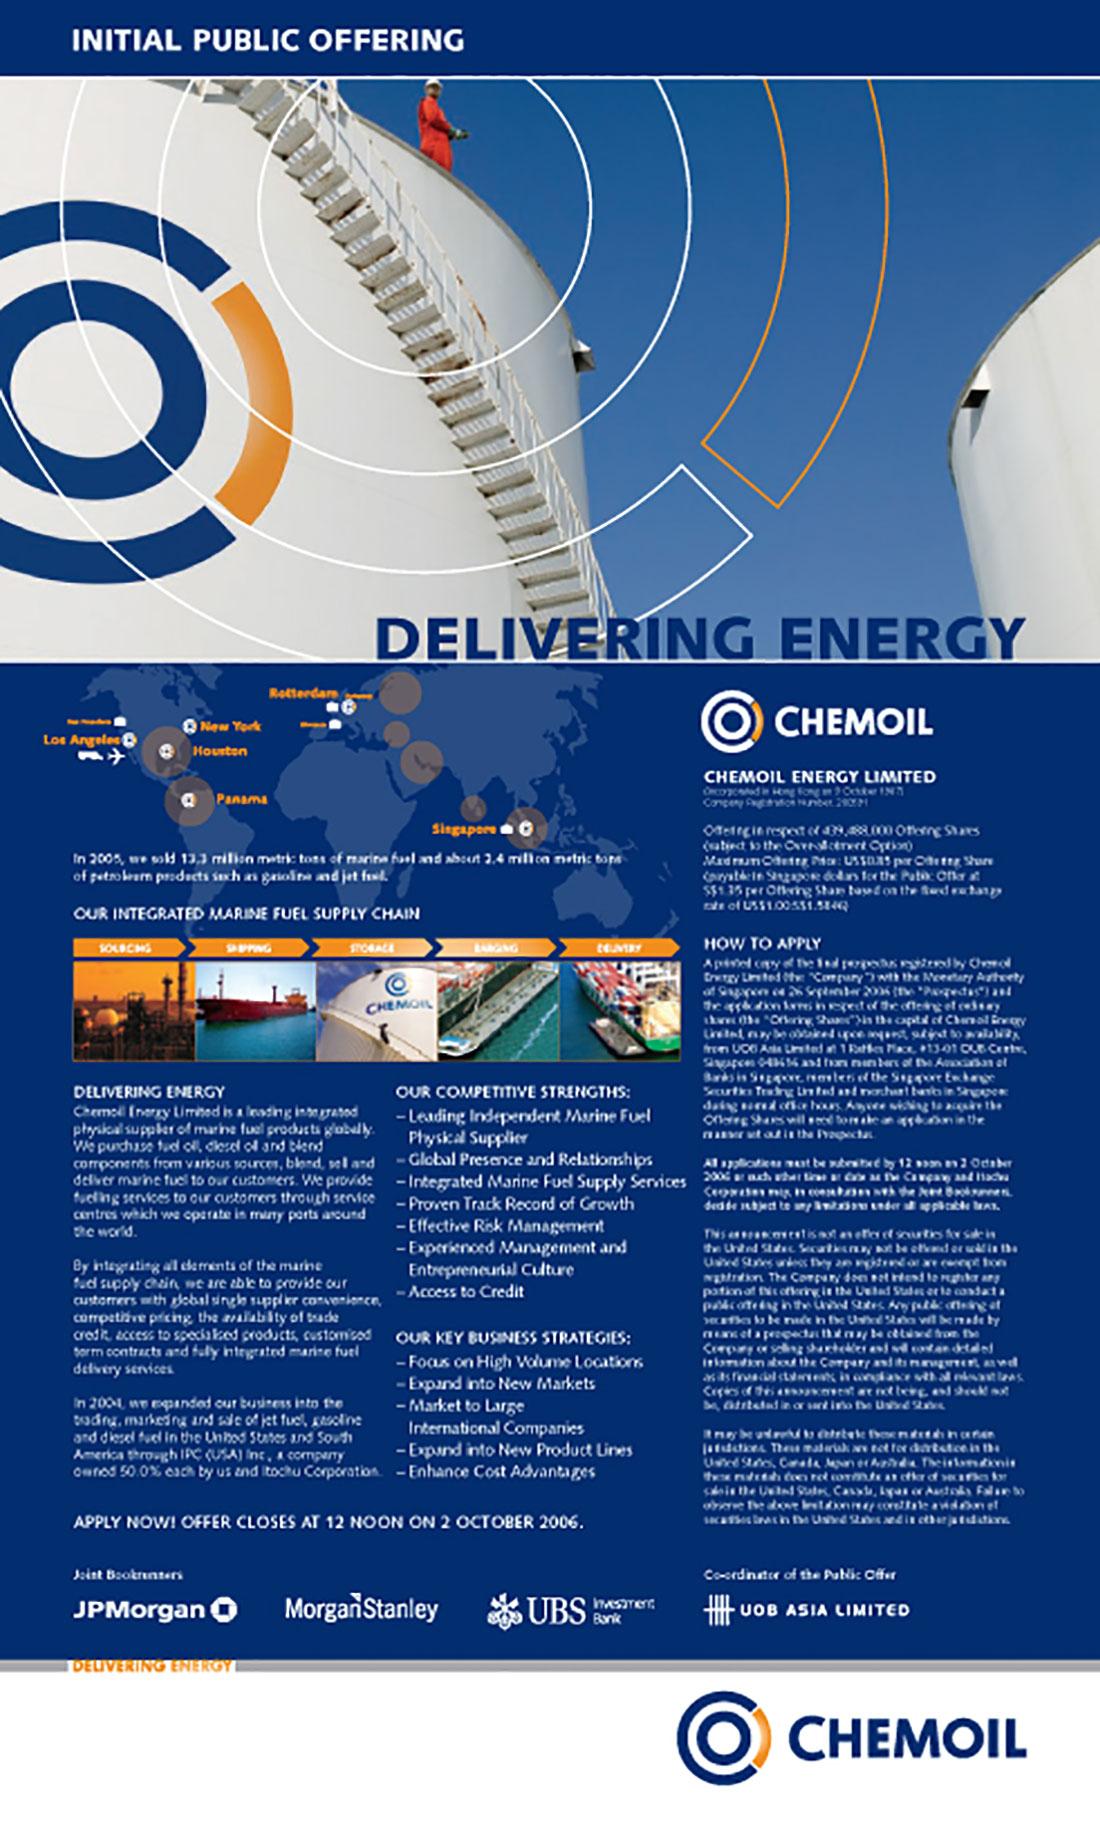 Chemoil Energy Branding - Singapore